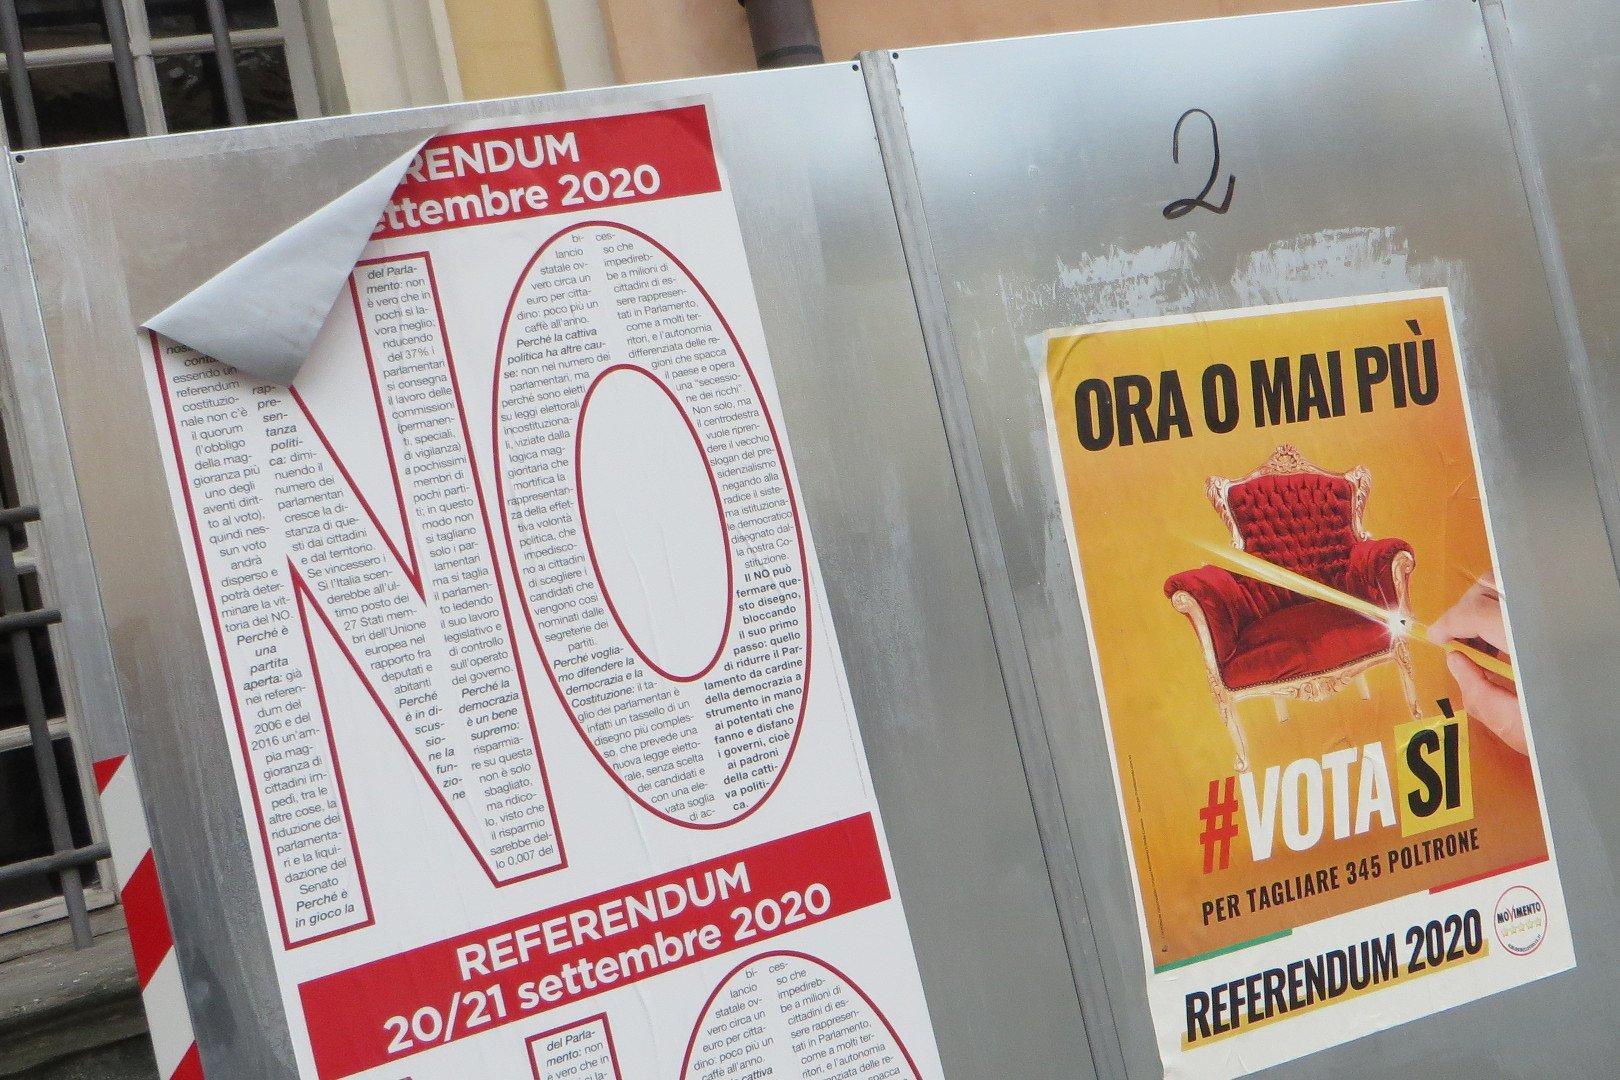 """Anche in Valle d'Aosta vince il """"sì"""" al referendum sul taglio dei parlamentari: in nessun Comune ha avuto la meglio il """"no"""""""